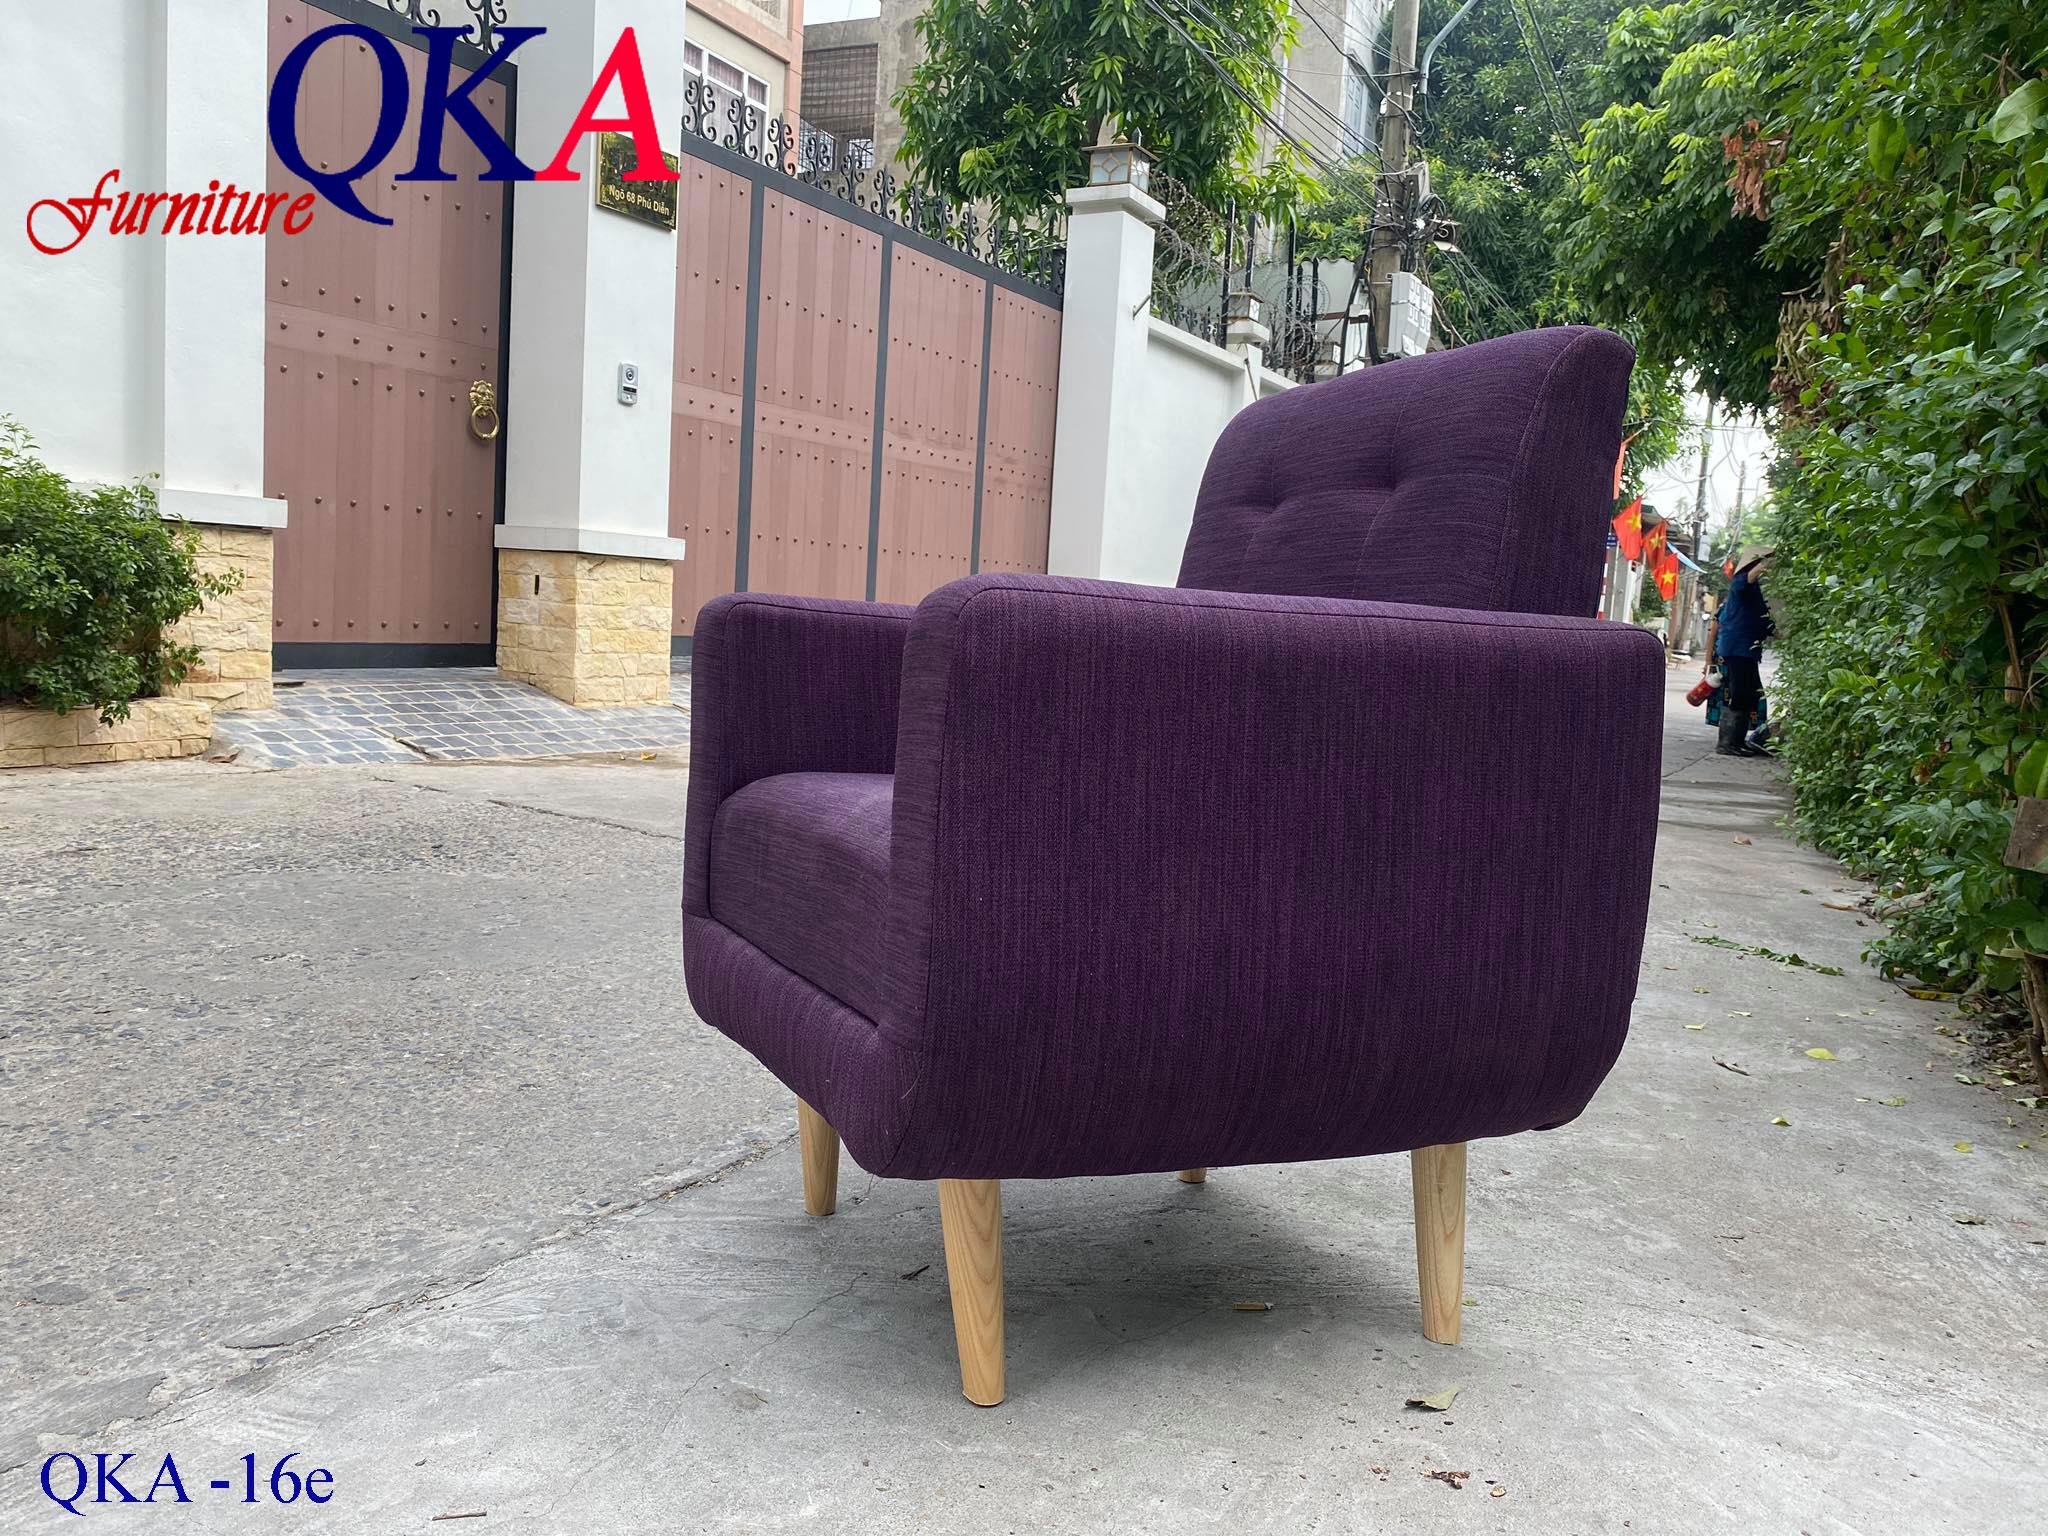 Mẫu ghế đơn Sofa – QKA 16e